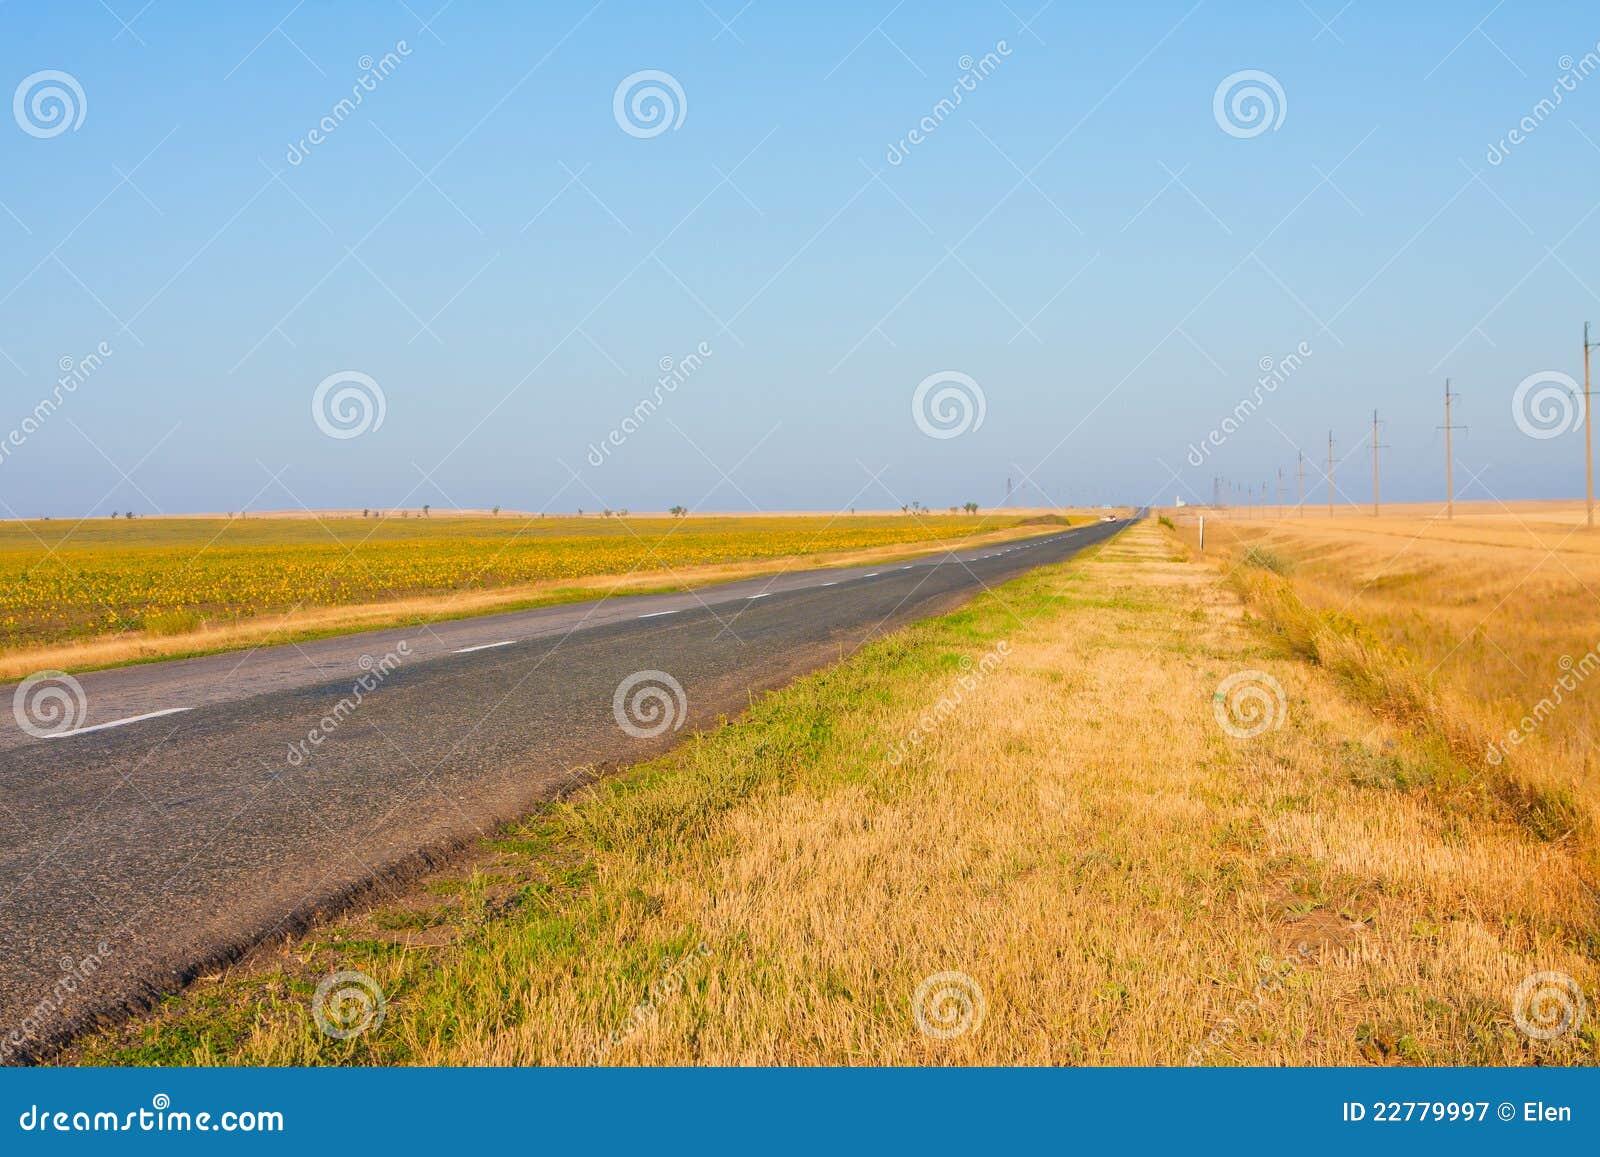 Bahn auf den Gebieten, Straße Samara (Russland) - Uralsk (   Kasachstan)